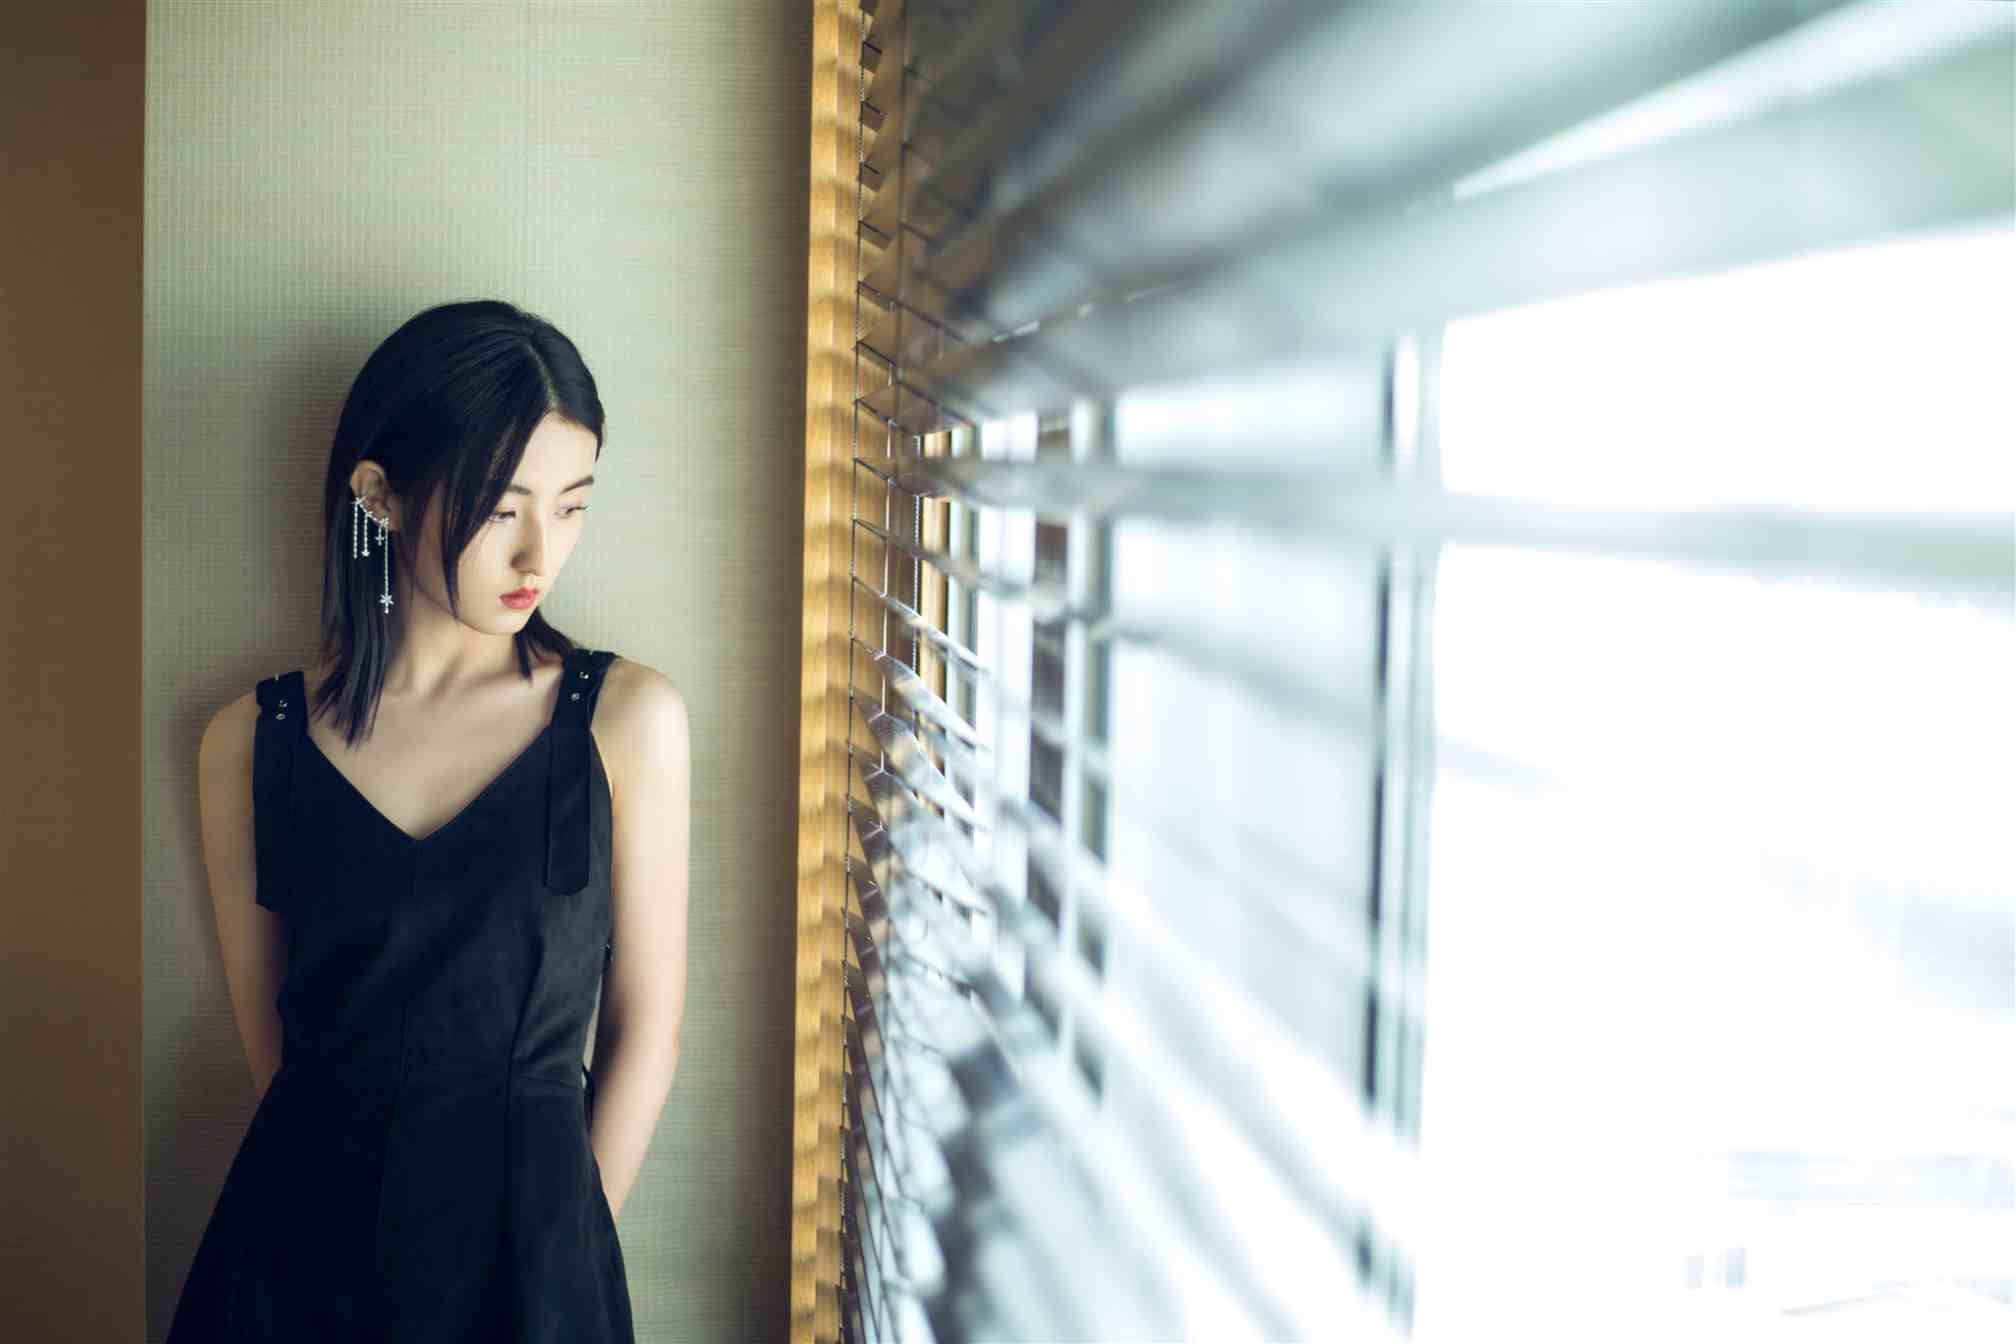 张子枫新片《亲爱的新年好》在京首映礼 与白百何暖心互换礼物许愿新年